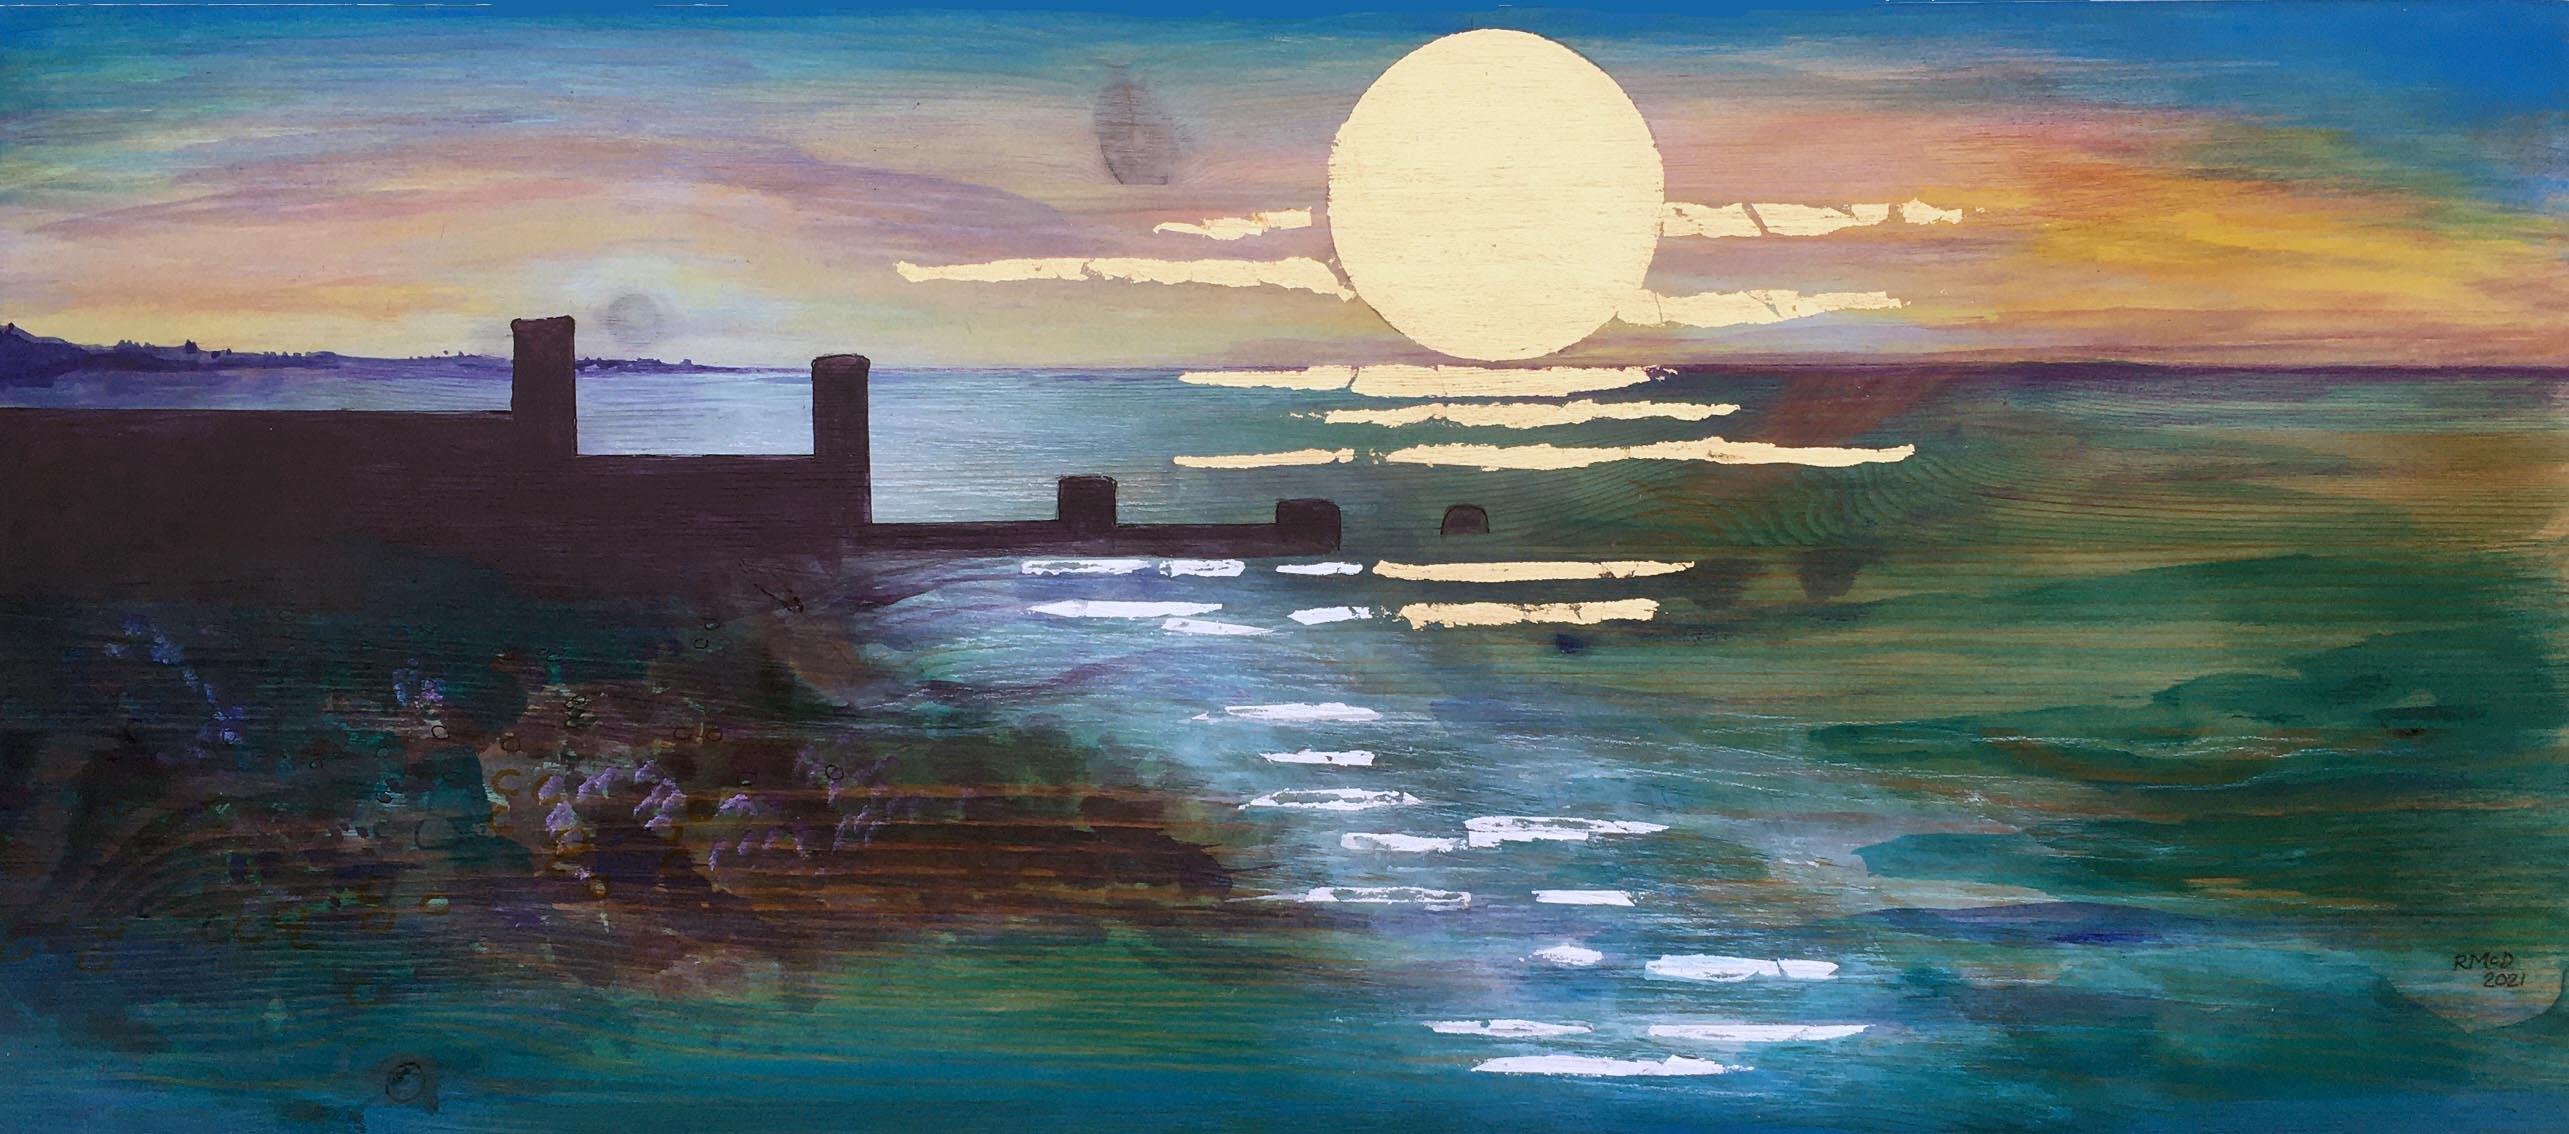 MCD183, Winter Sunset